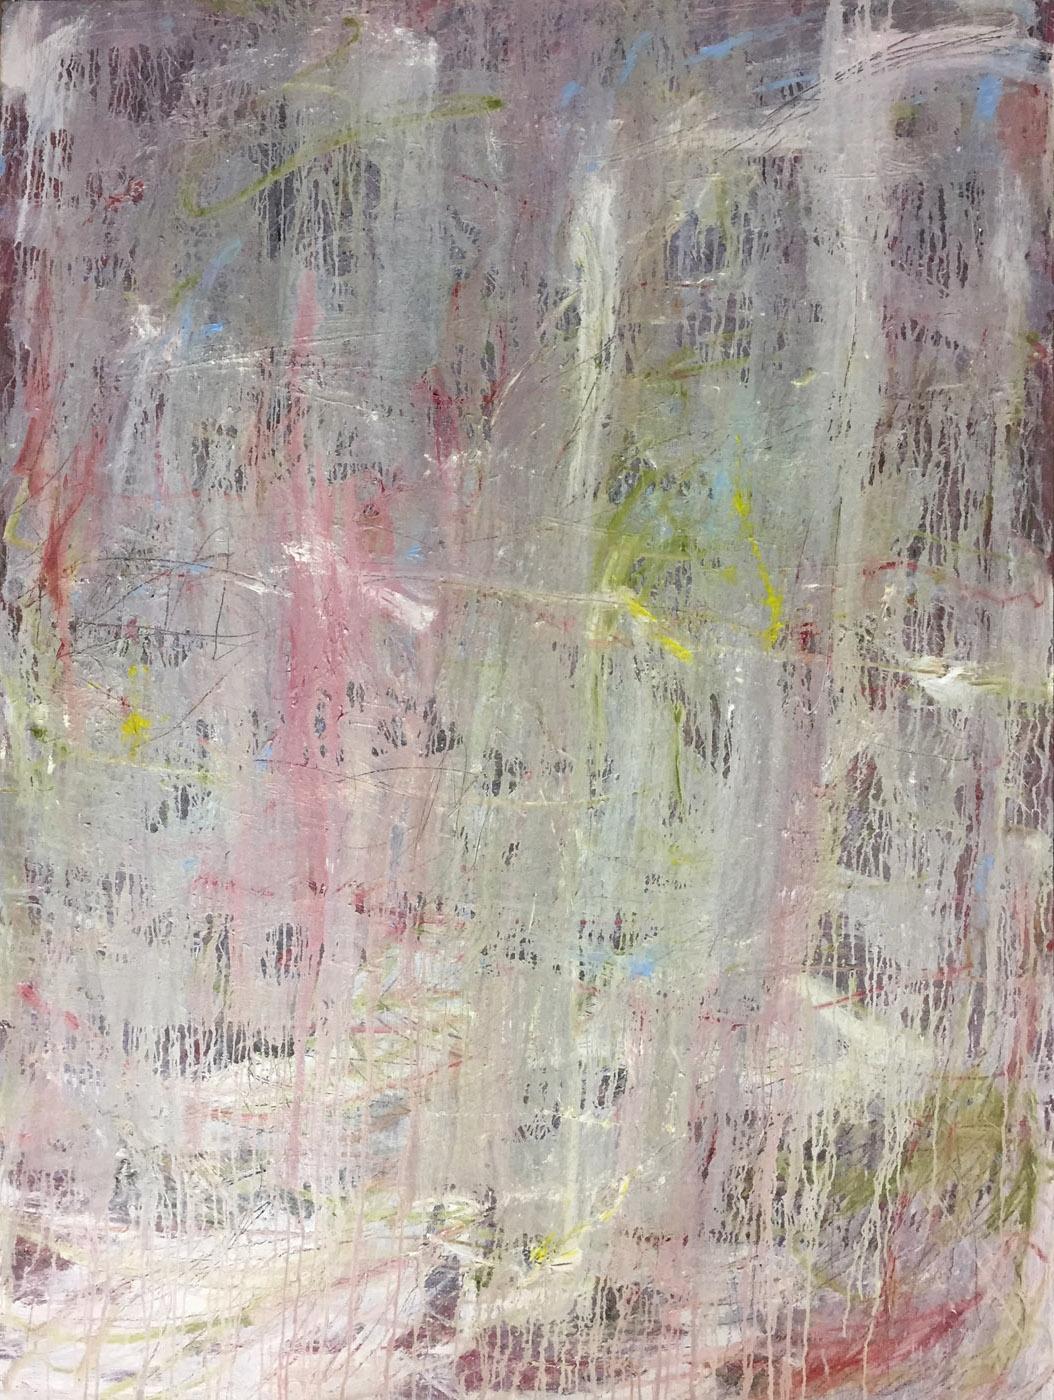 MARC FELD 2019 BERGERONNETTE Huile et acrylique sur toile 150 x 200 cm